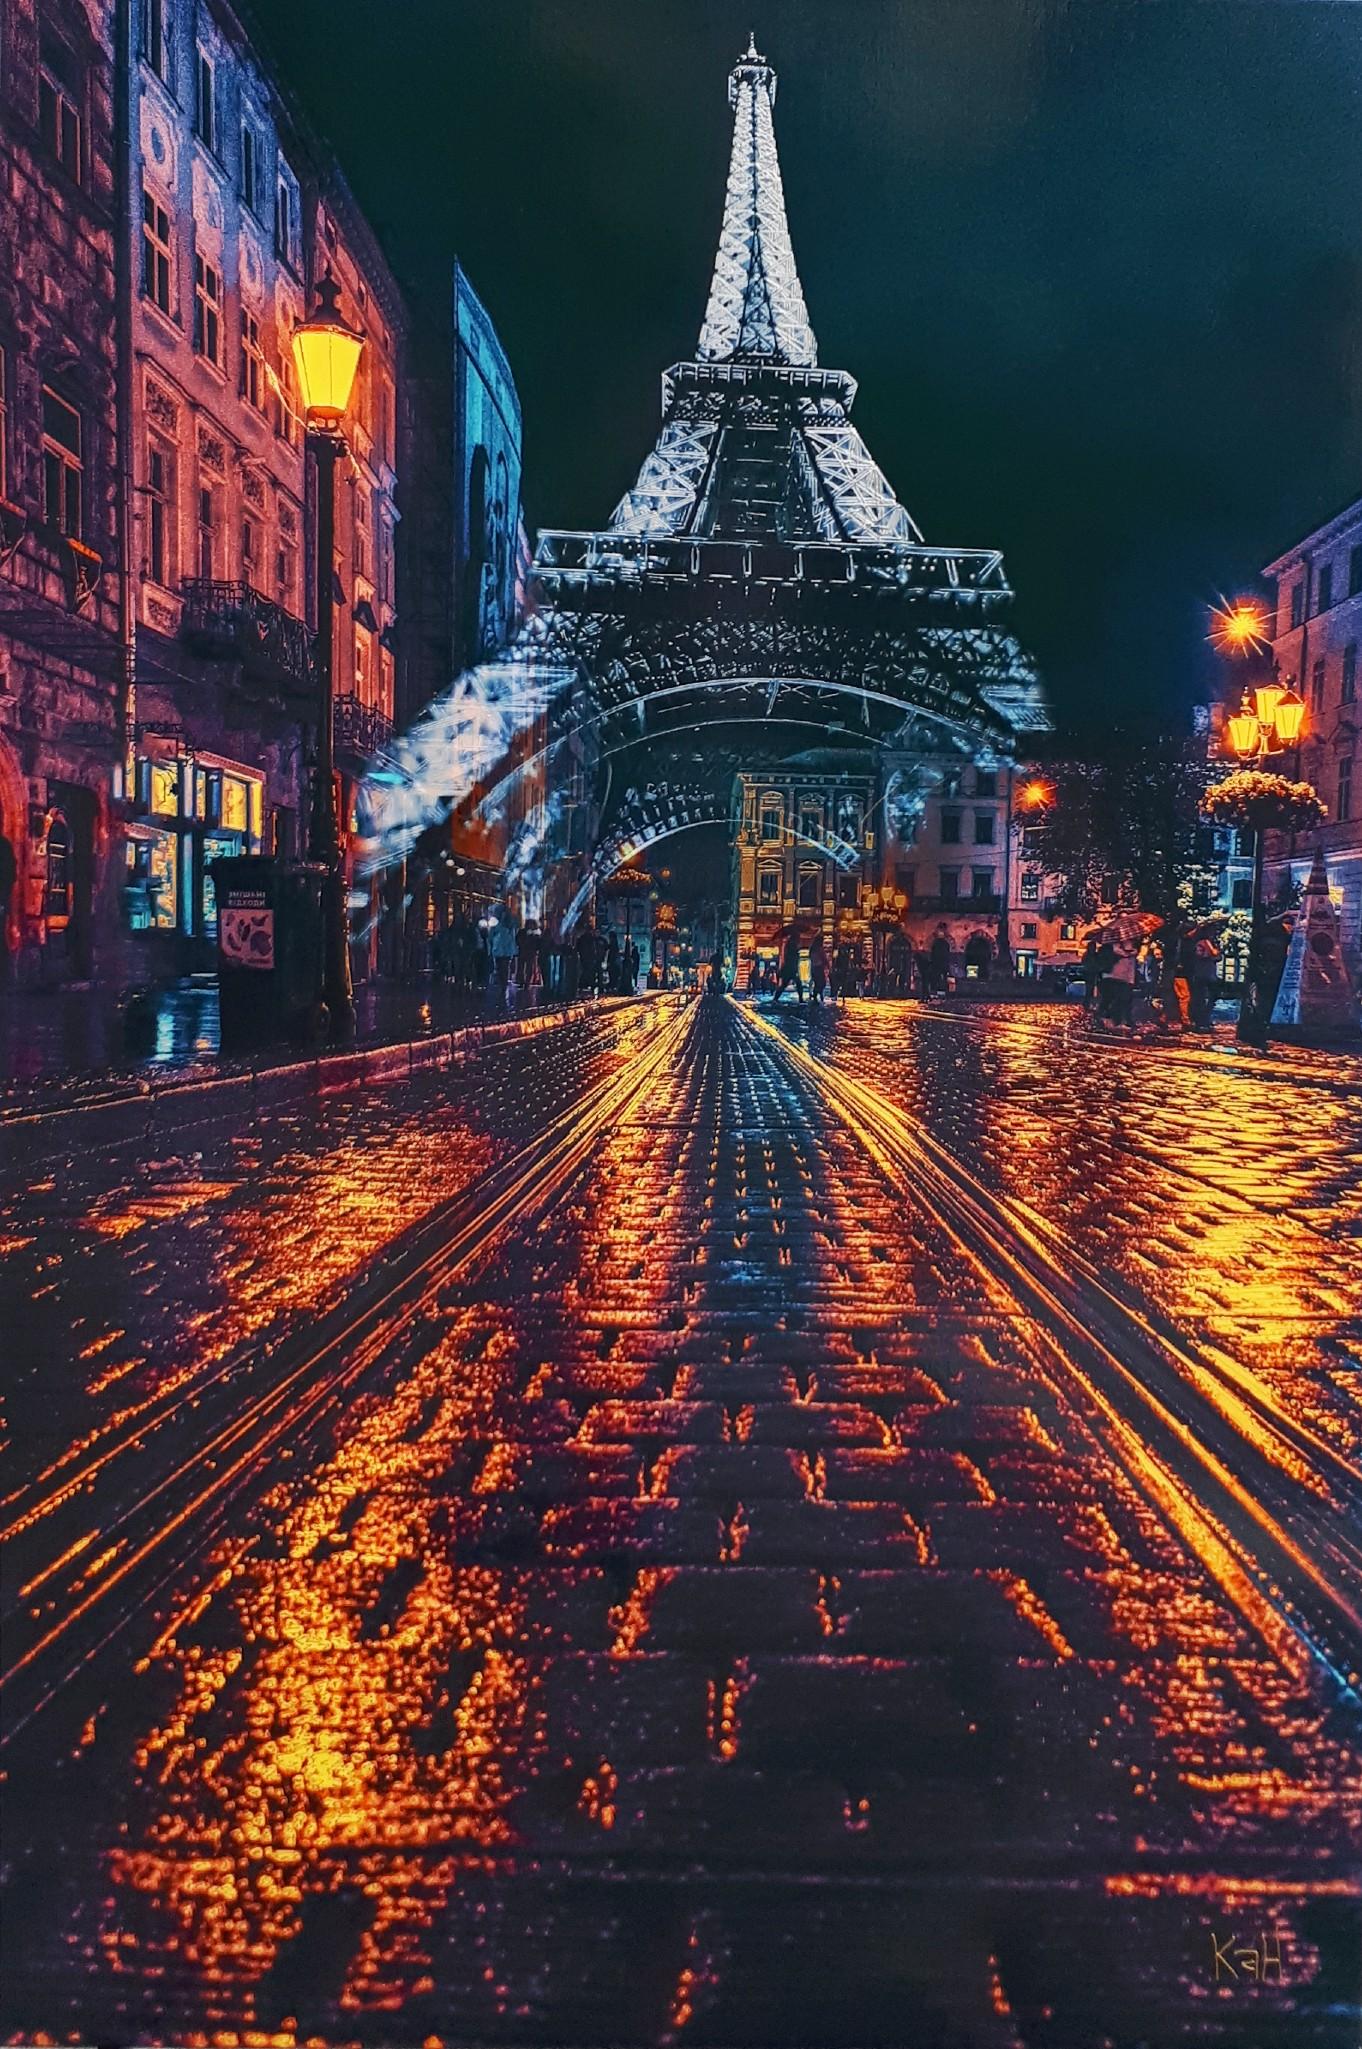 Tour Eiffel de nuit 08-2021 48X32